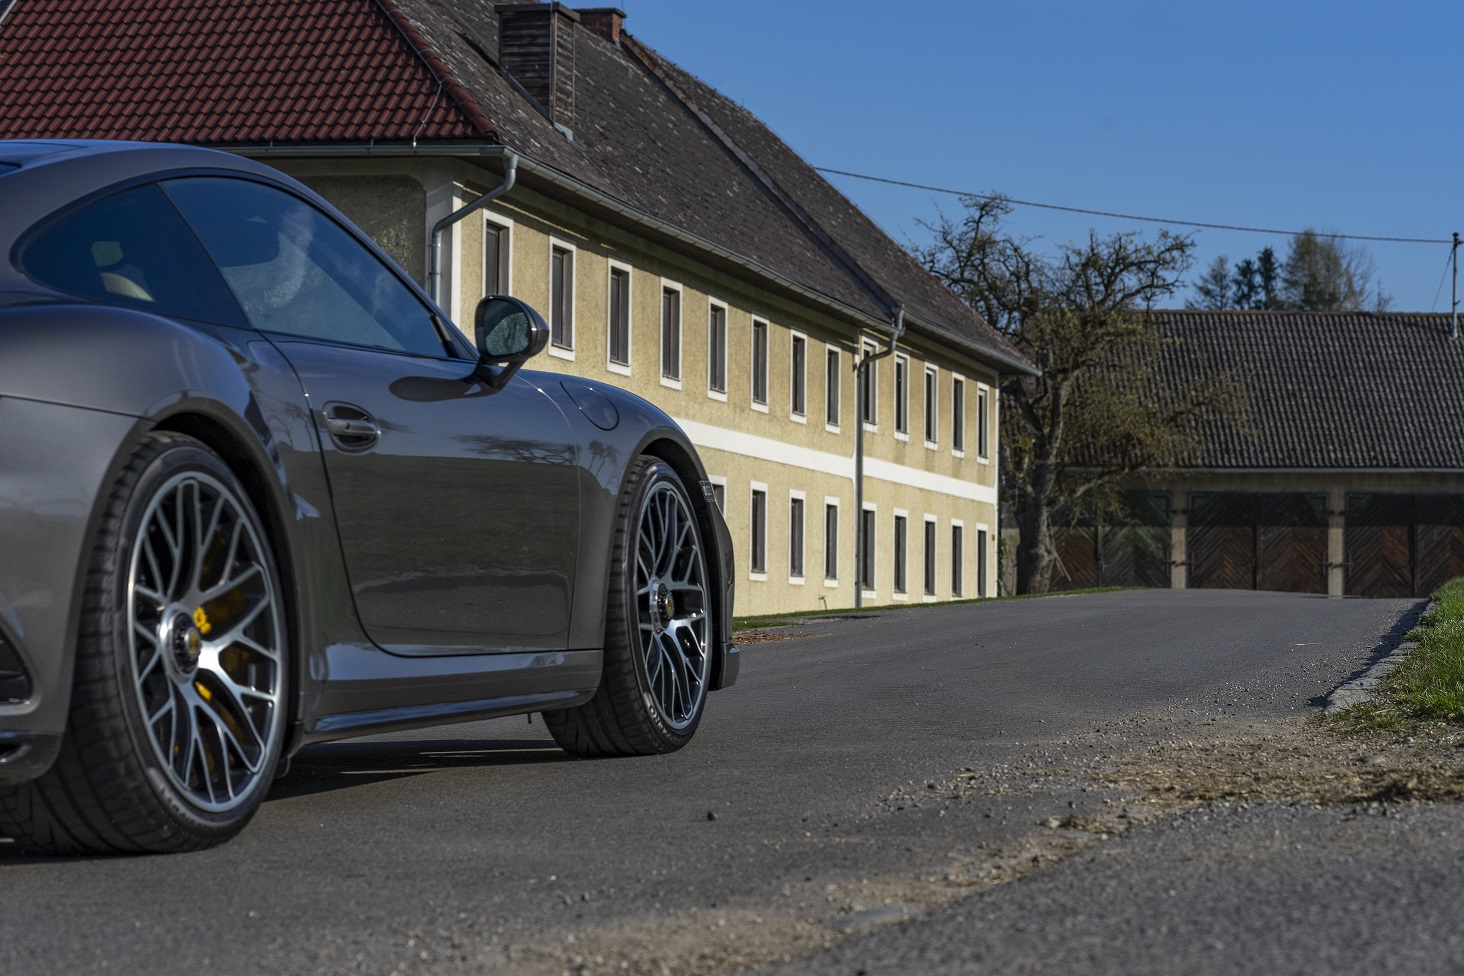 033 PorscheTAG.jpg